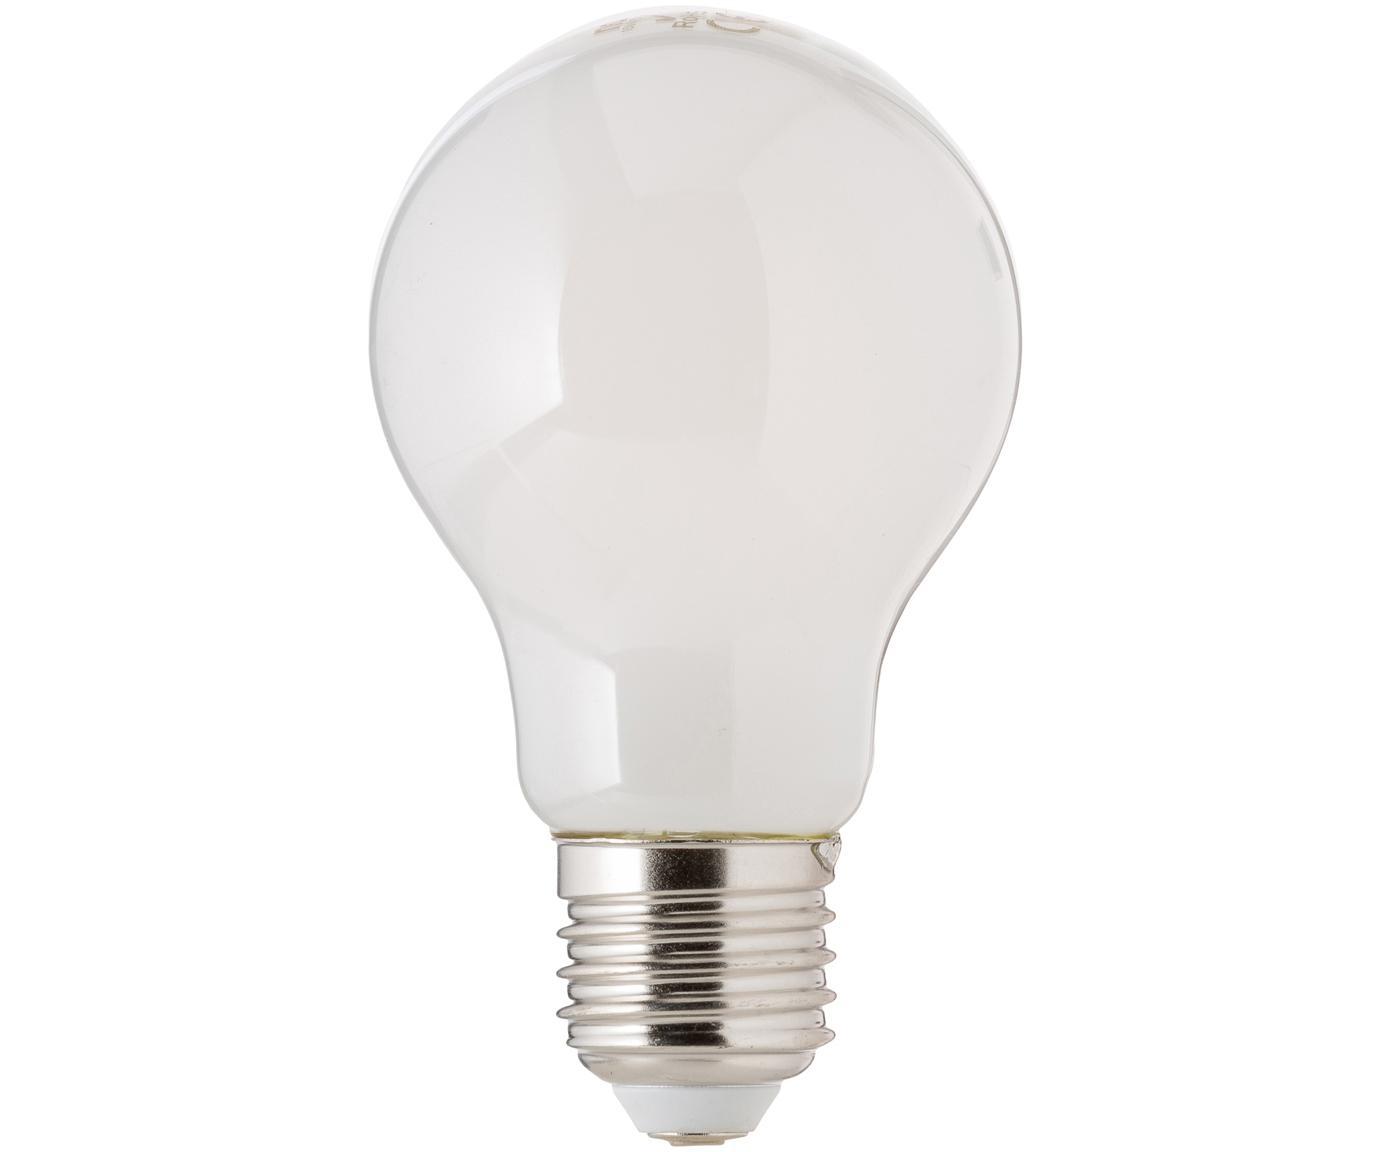 Bombilla LED regulable Bafa (E27/8W), Ampolla: plástico, Casquillo: aluminio, Blanco, Ø 8 x Al 10 cm